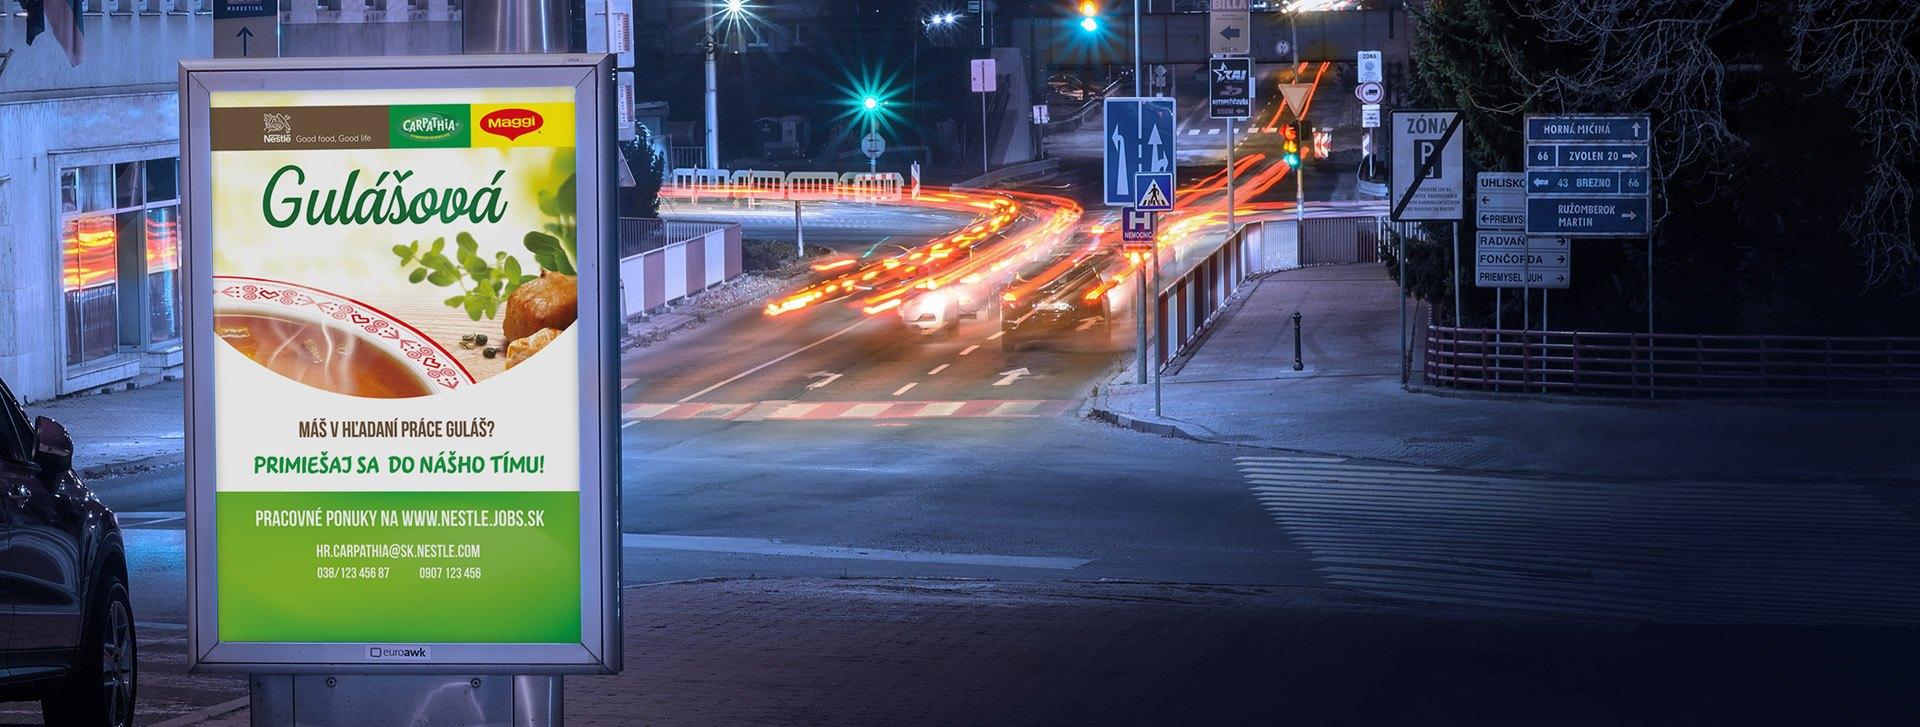 Euroawk Citylighty